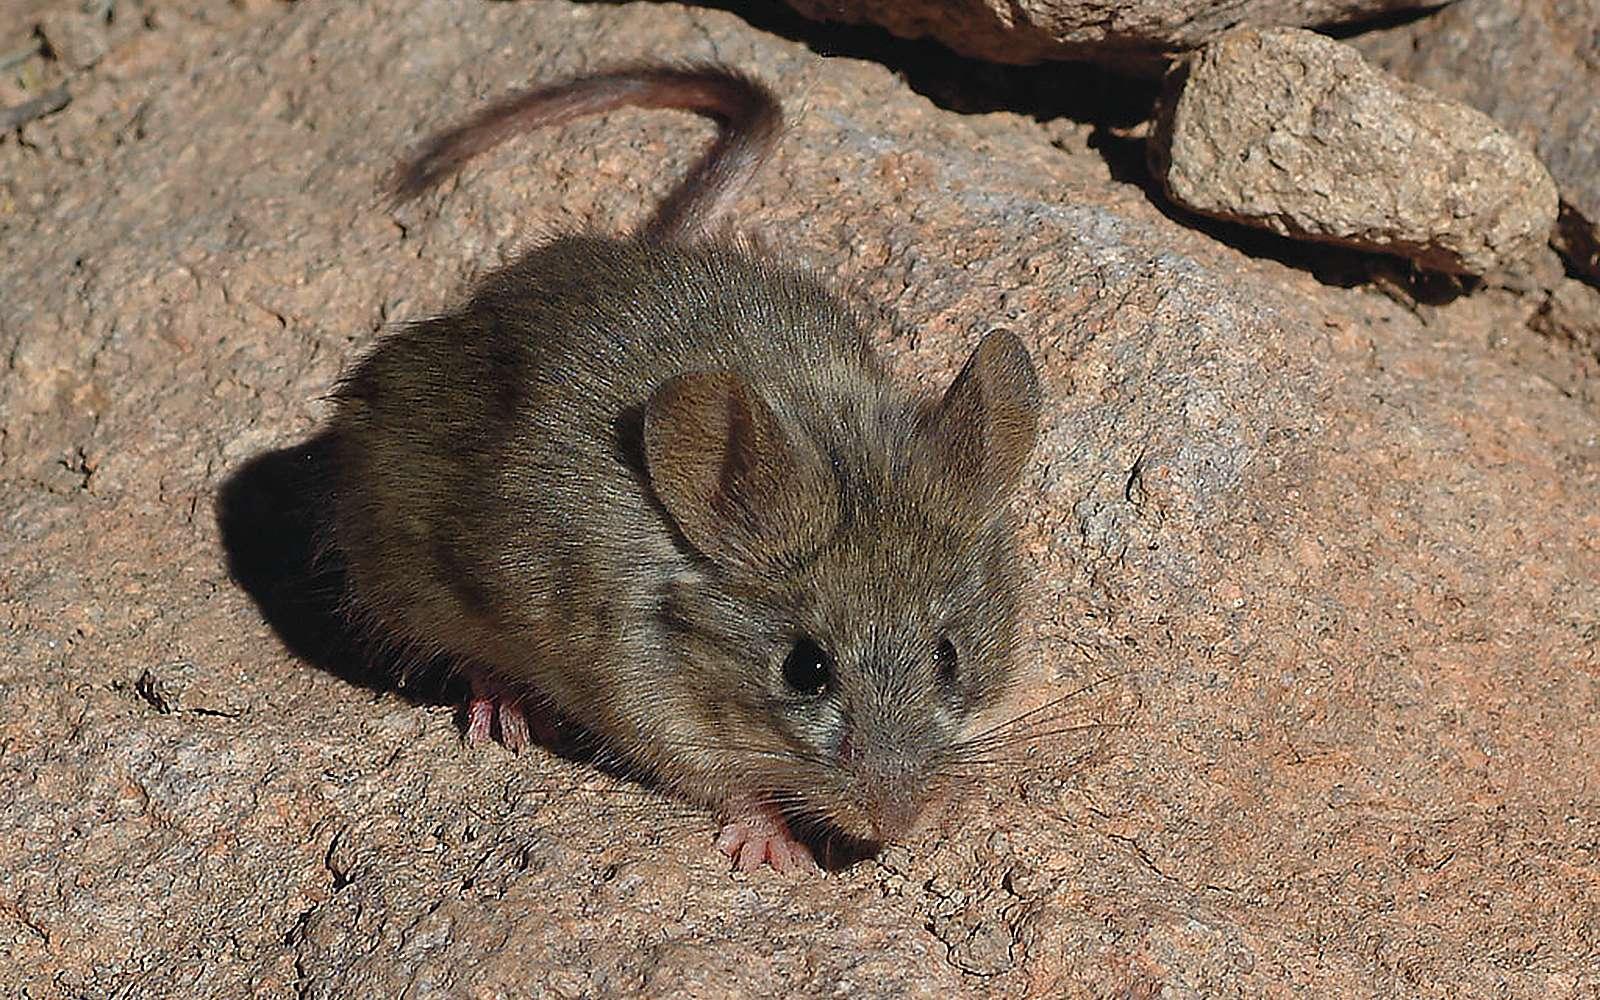 La petite souris à oreilles jaunes (Phyllotis xanthopygus) a été aperçue en février 2020 à 6.739 mètres sur les pentes du volcan Llullaillaco, l'un des endroits les plus hostiles au monde. © Guillermo Feuerhake, Flickr